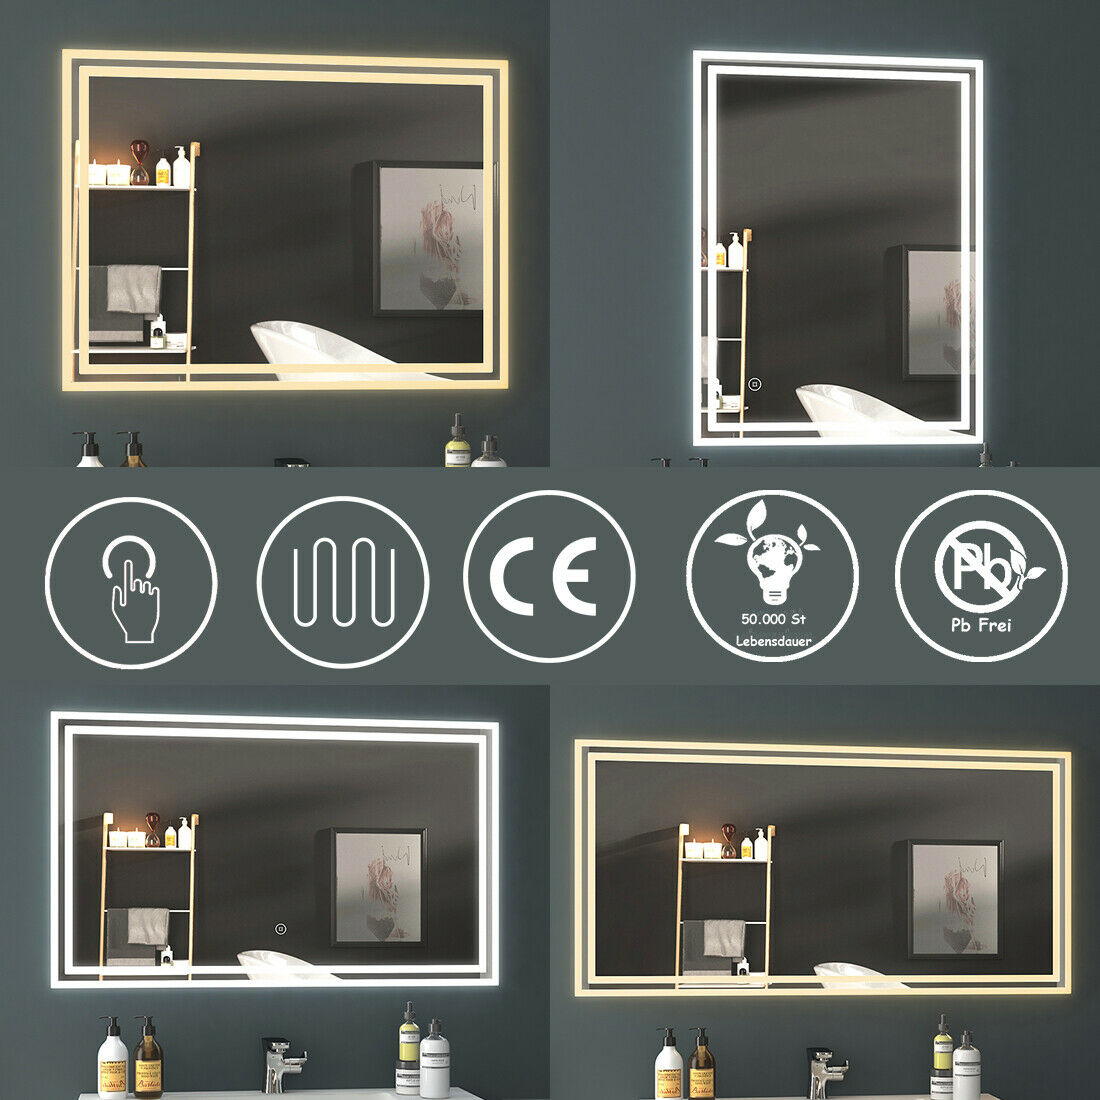 LED Spiegel 80x60 90x70 Badspiegel mit Beleuchtung Touchschalter Beschlagfrei